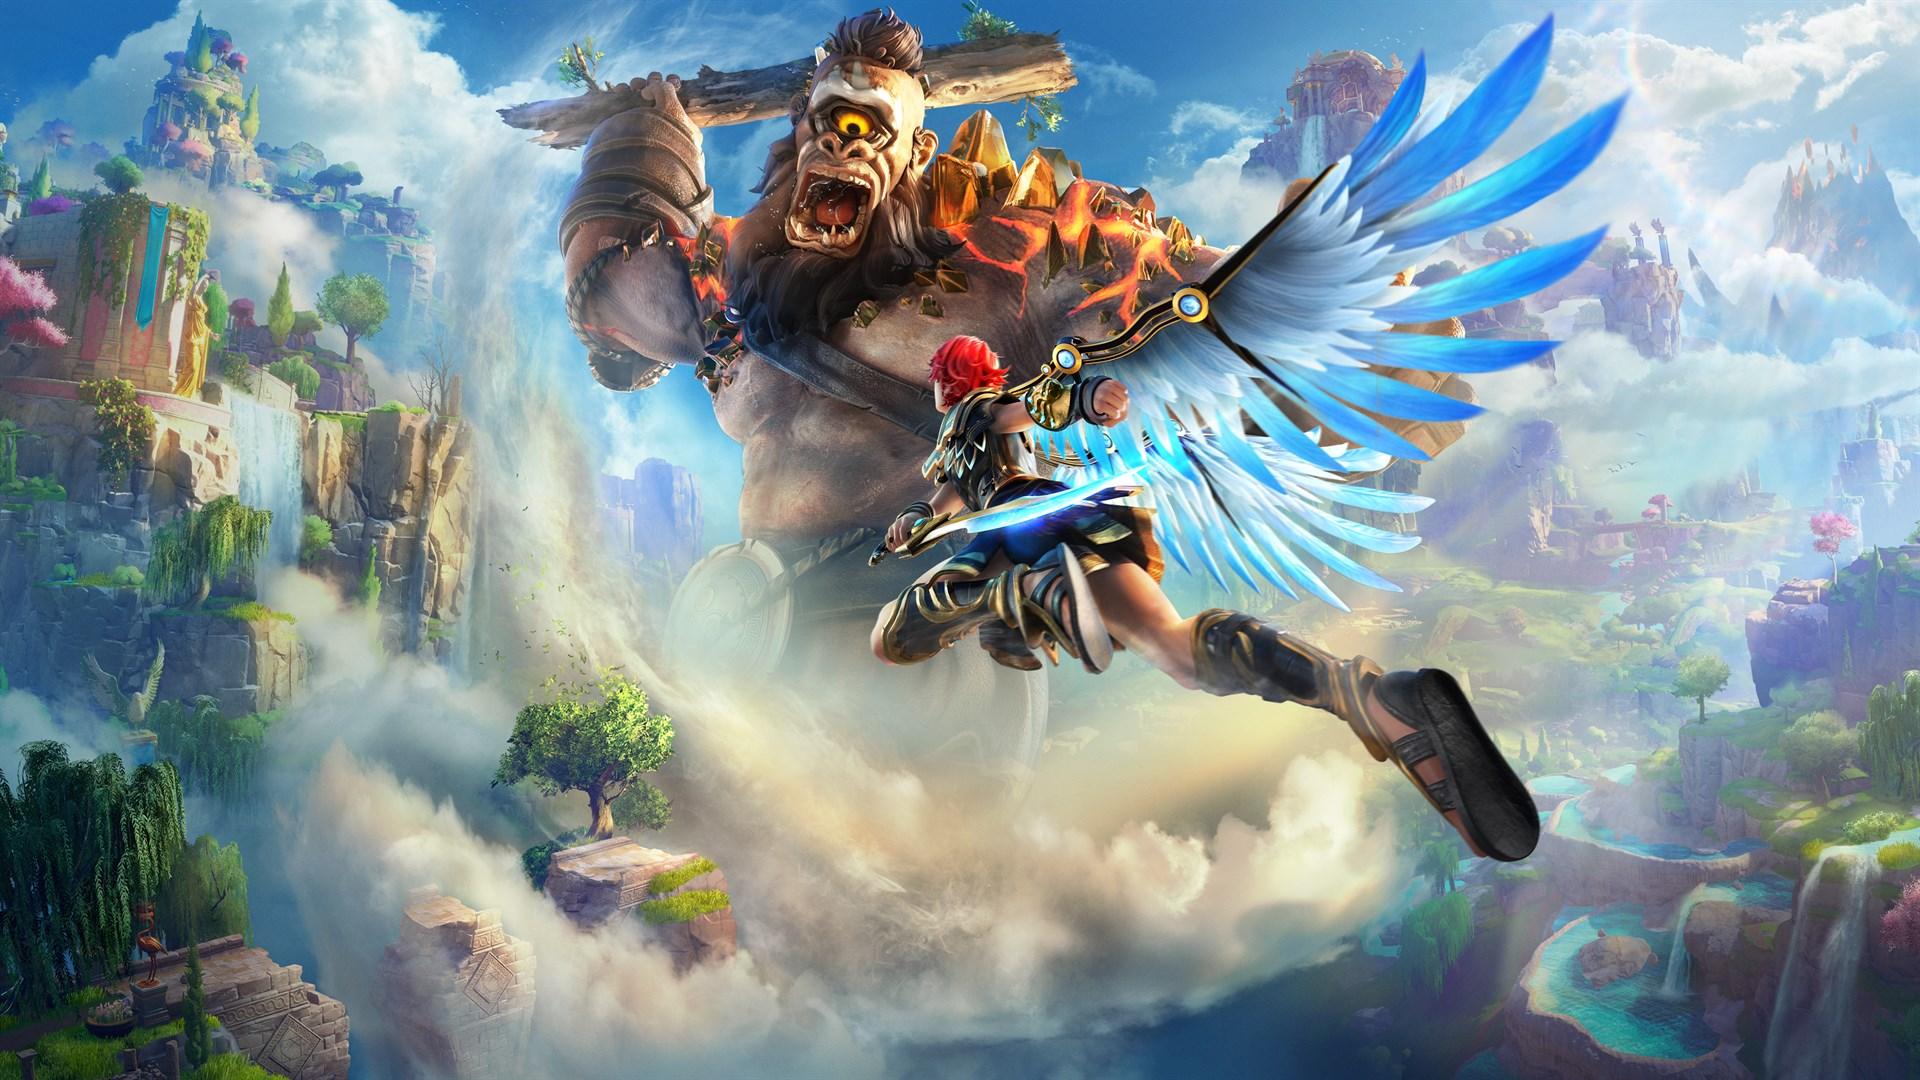 《渡神纪:芬尼斯崛起》IGN评7分 战斗满意解谜平庸